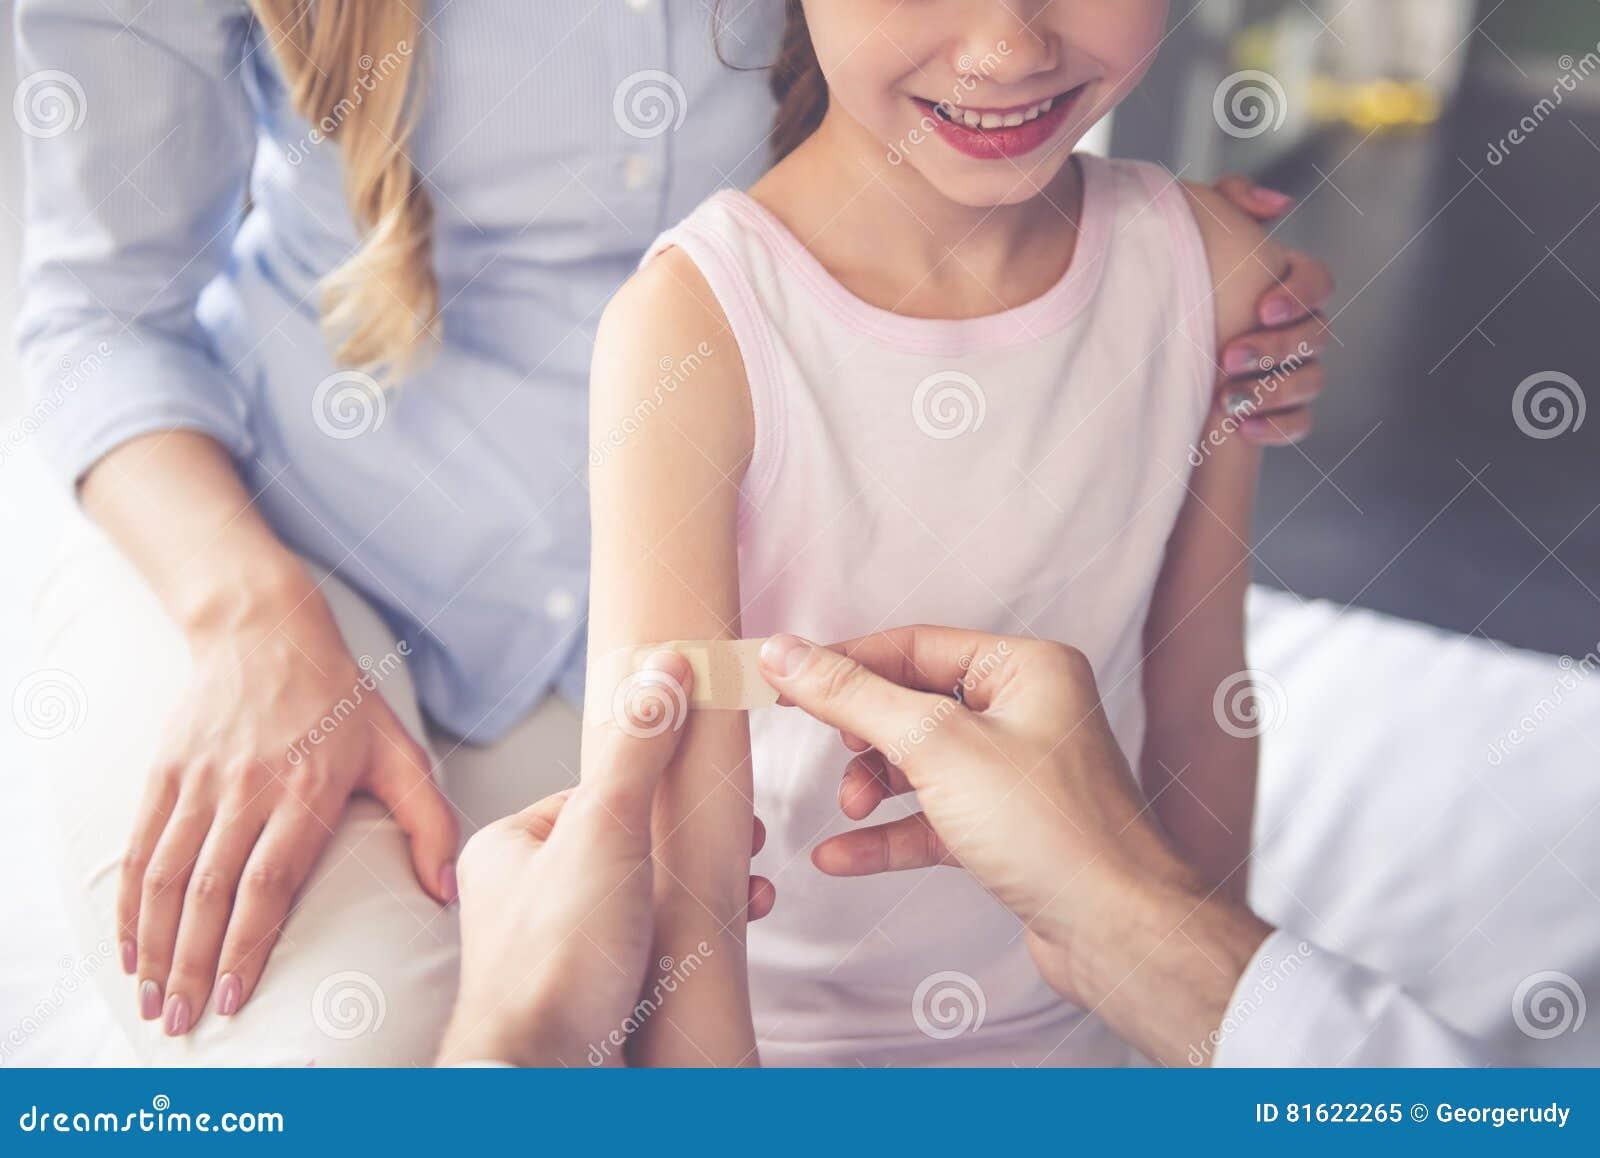 Bij de pediater